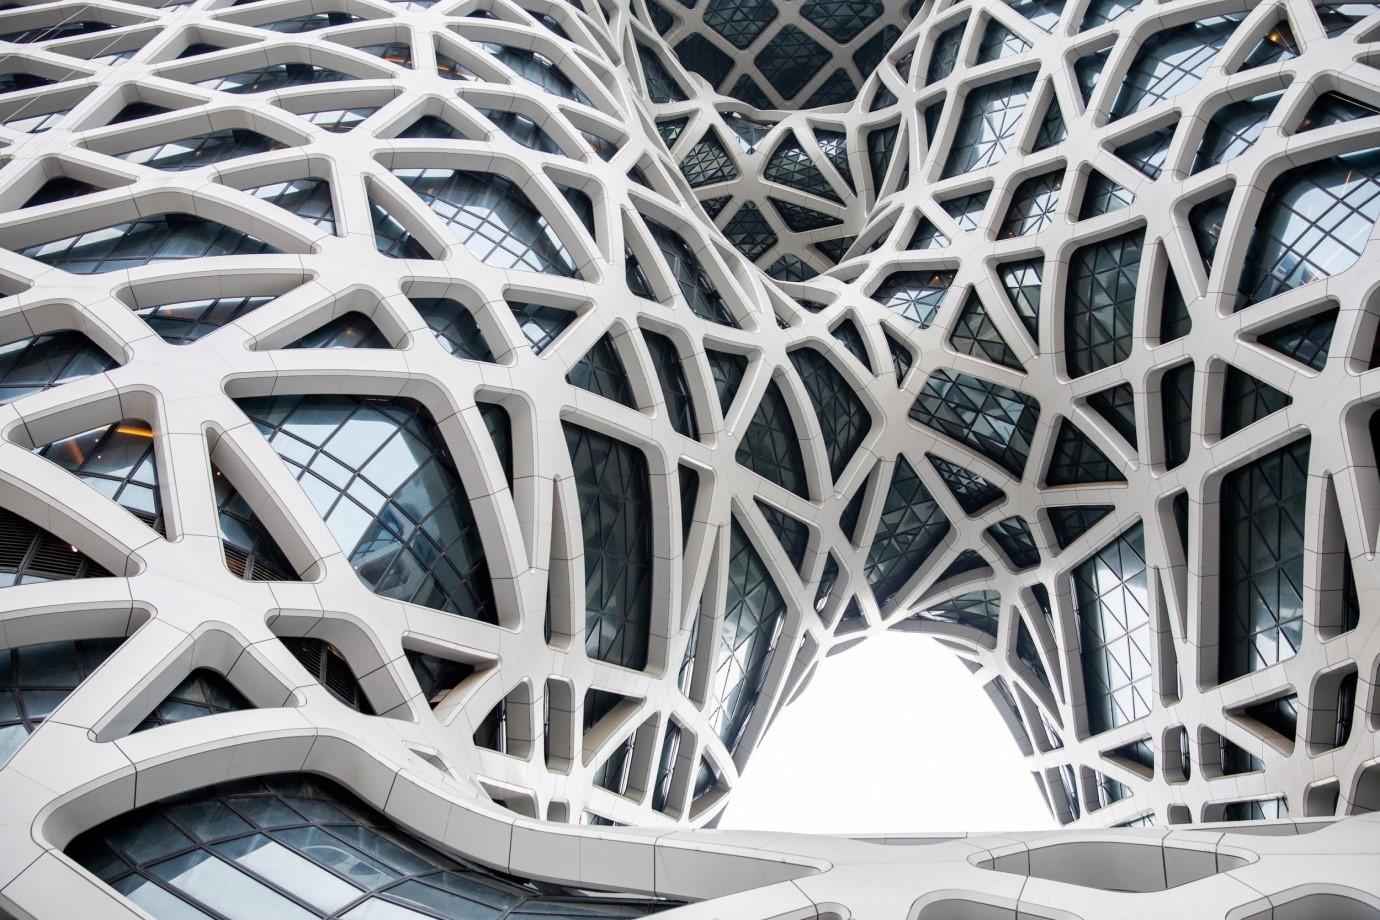 Su fachada es de cristal y está recubierta con formas geométricas